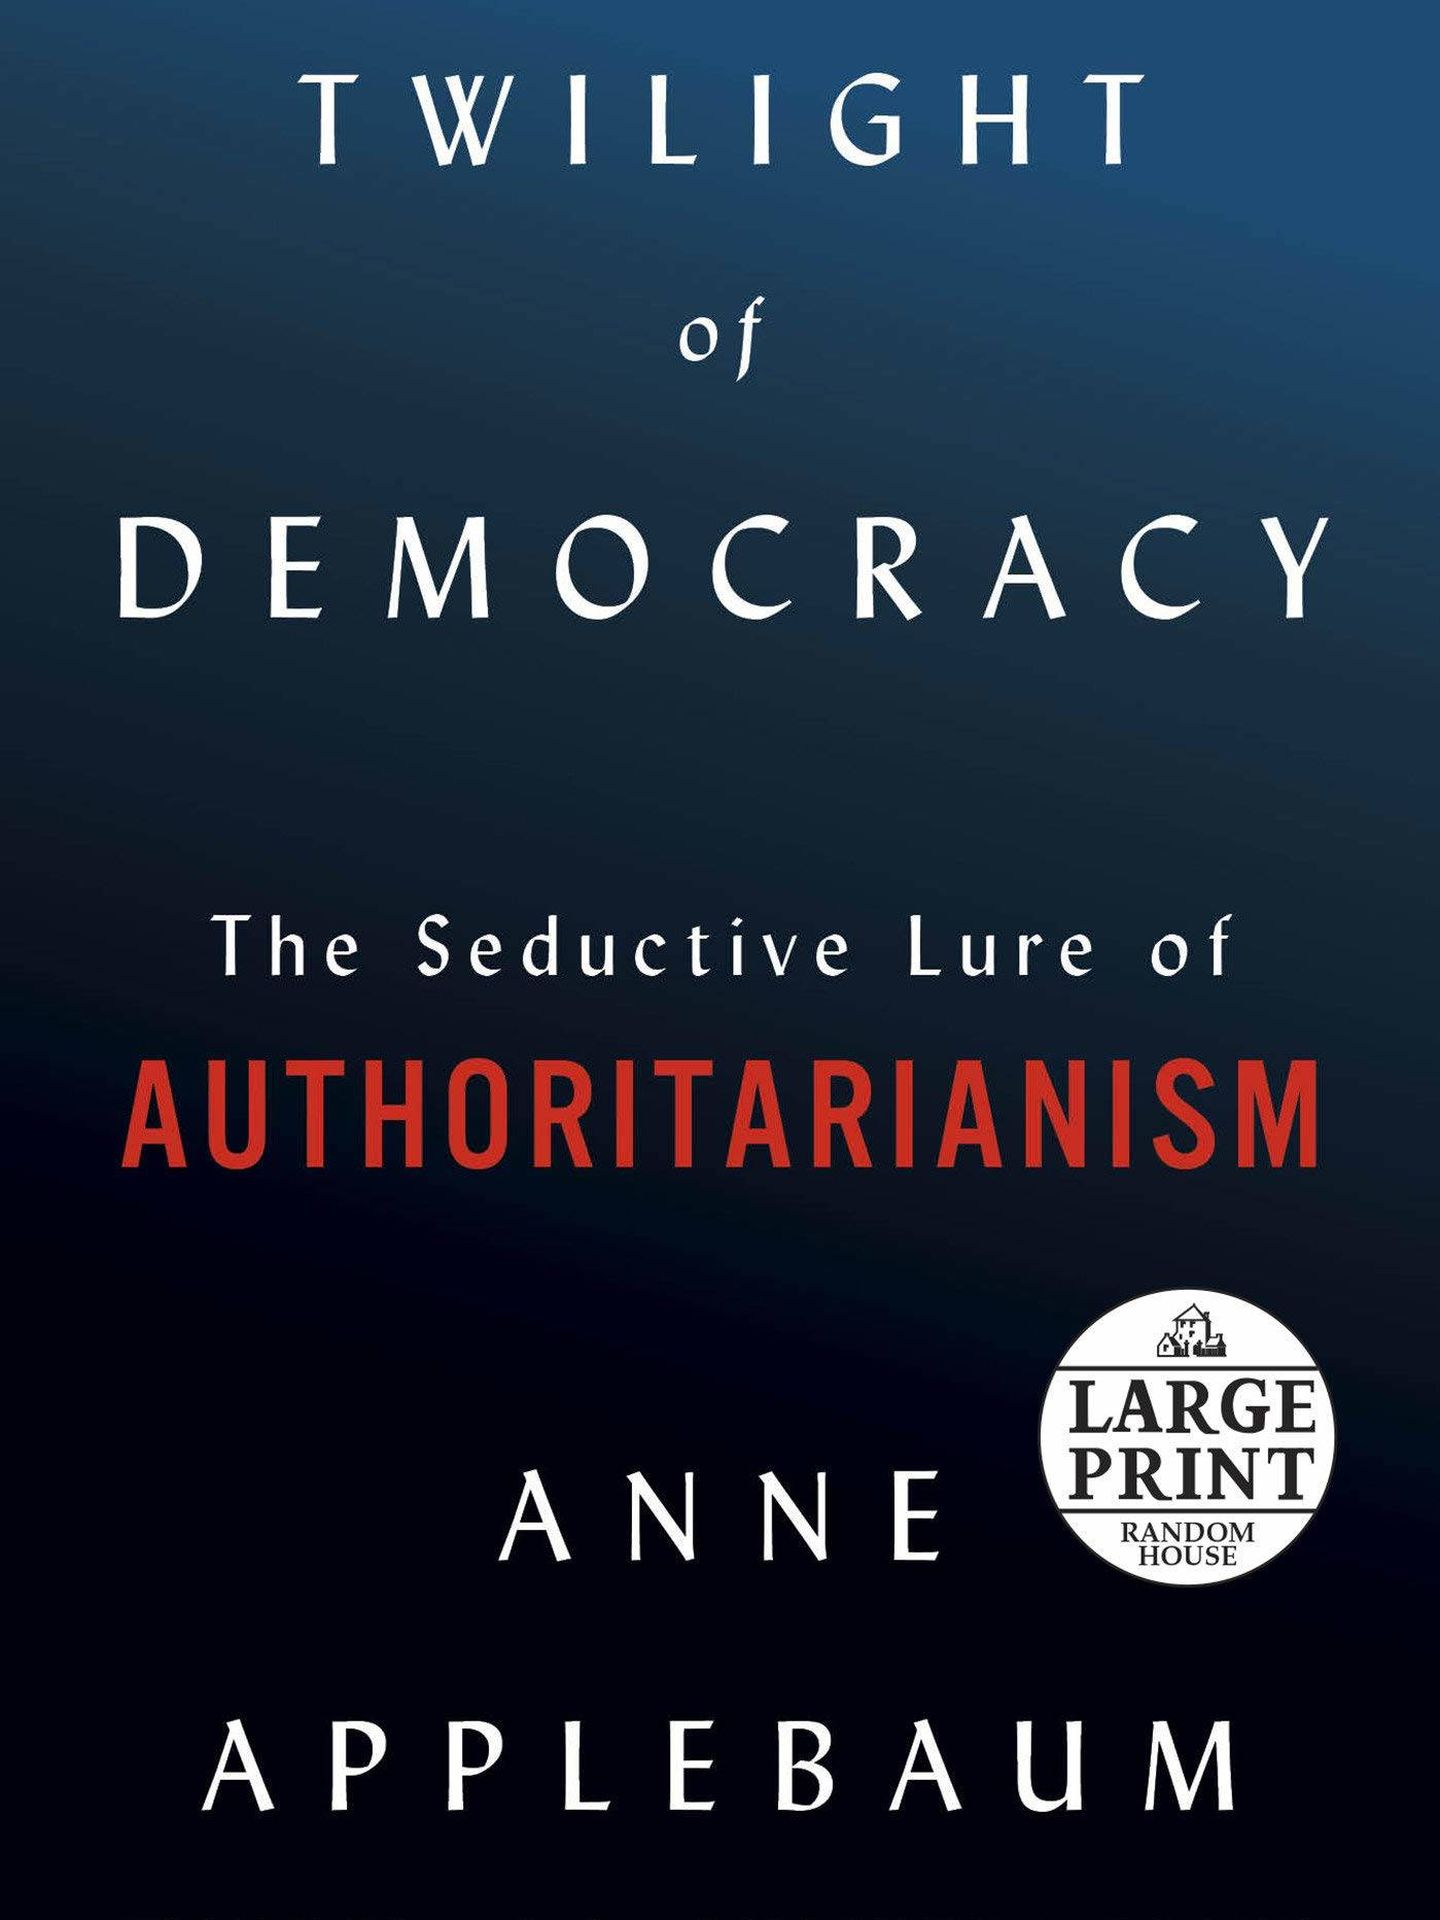 'Twilight of Democracy'.